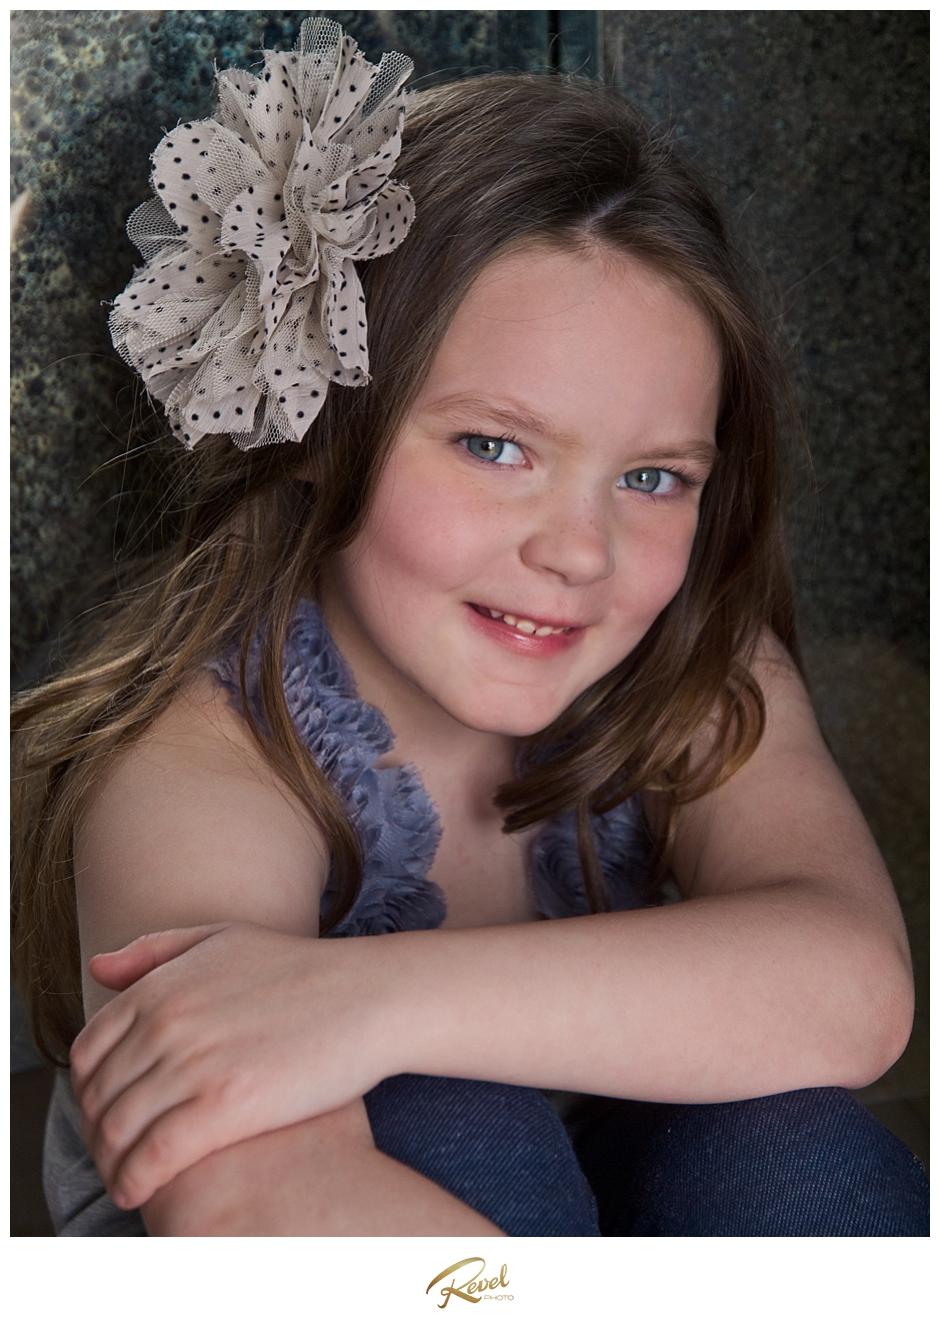 2012_REVELphoto_Child Photography_LOLA_005_WEB